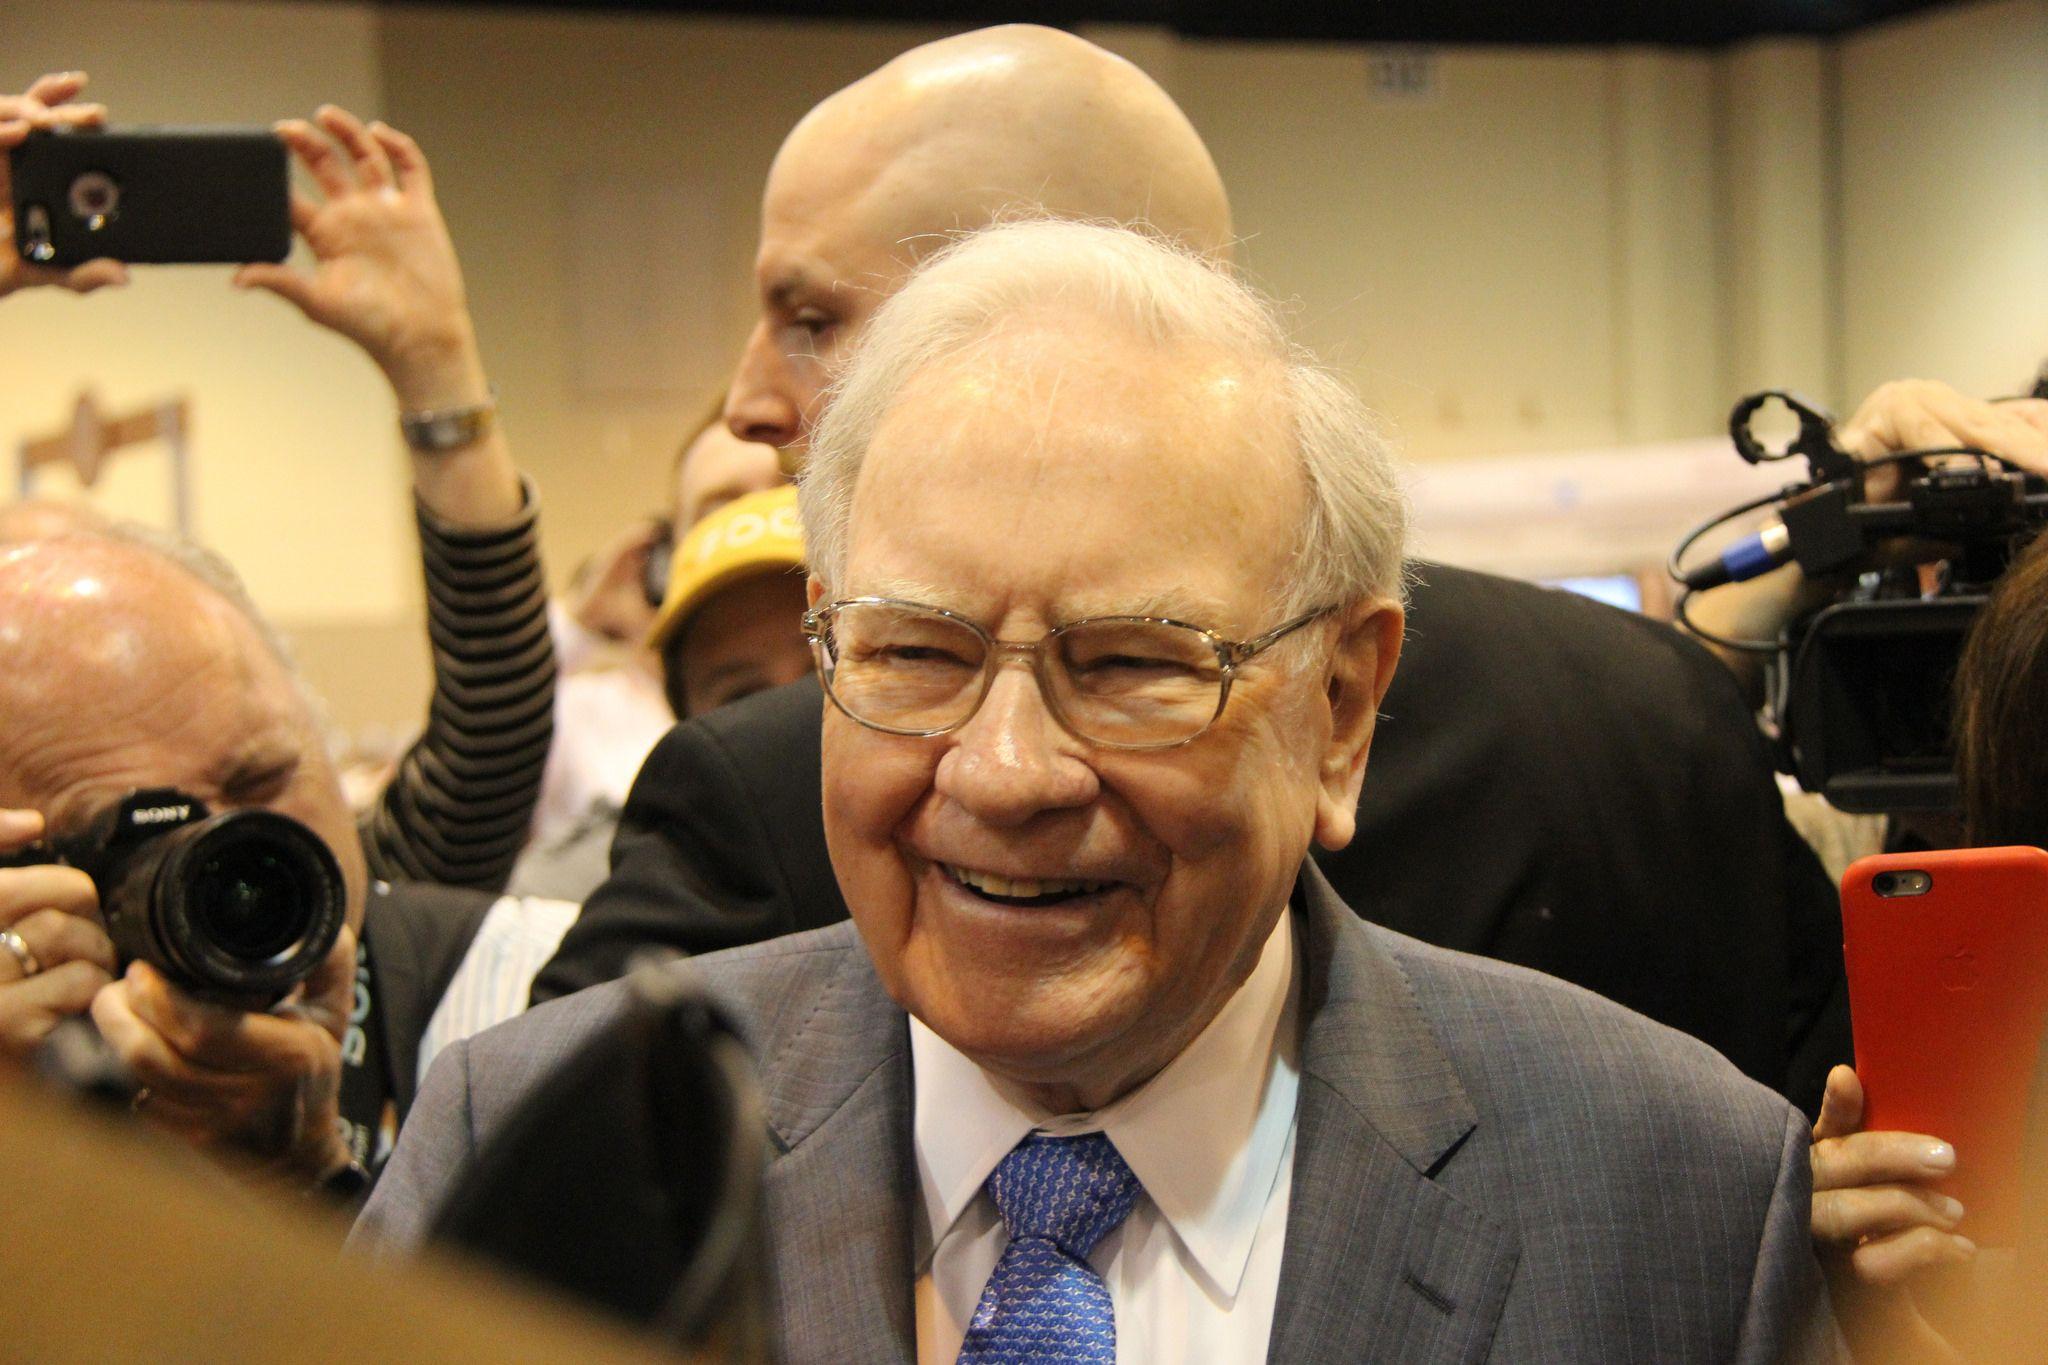 Warren Buffett speaking to reporters.